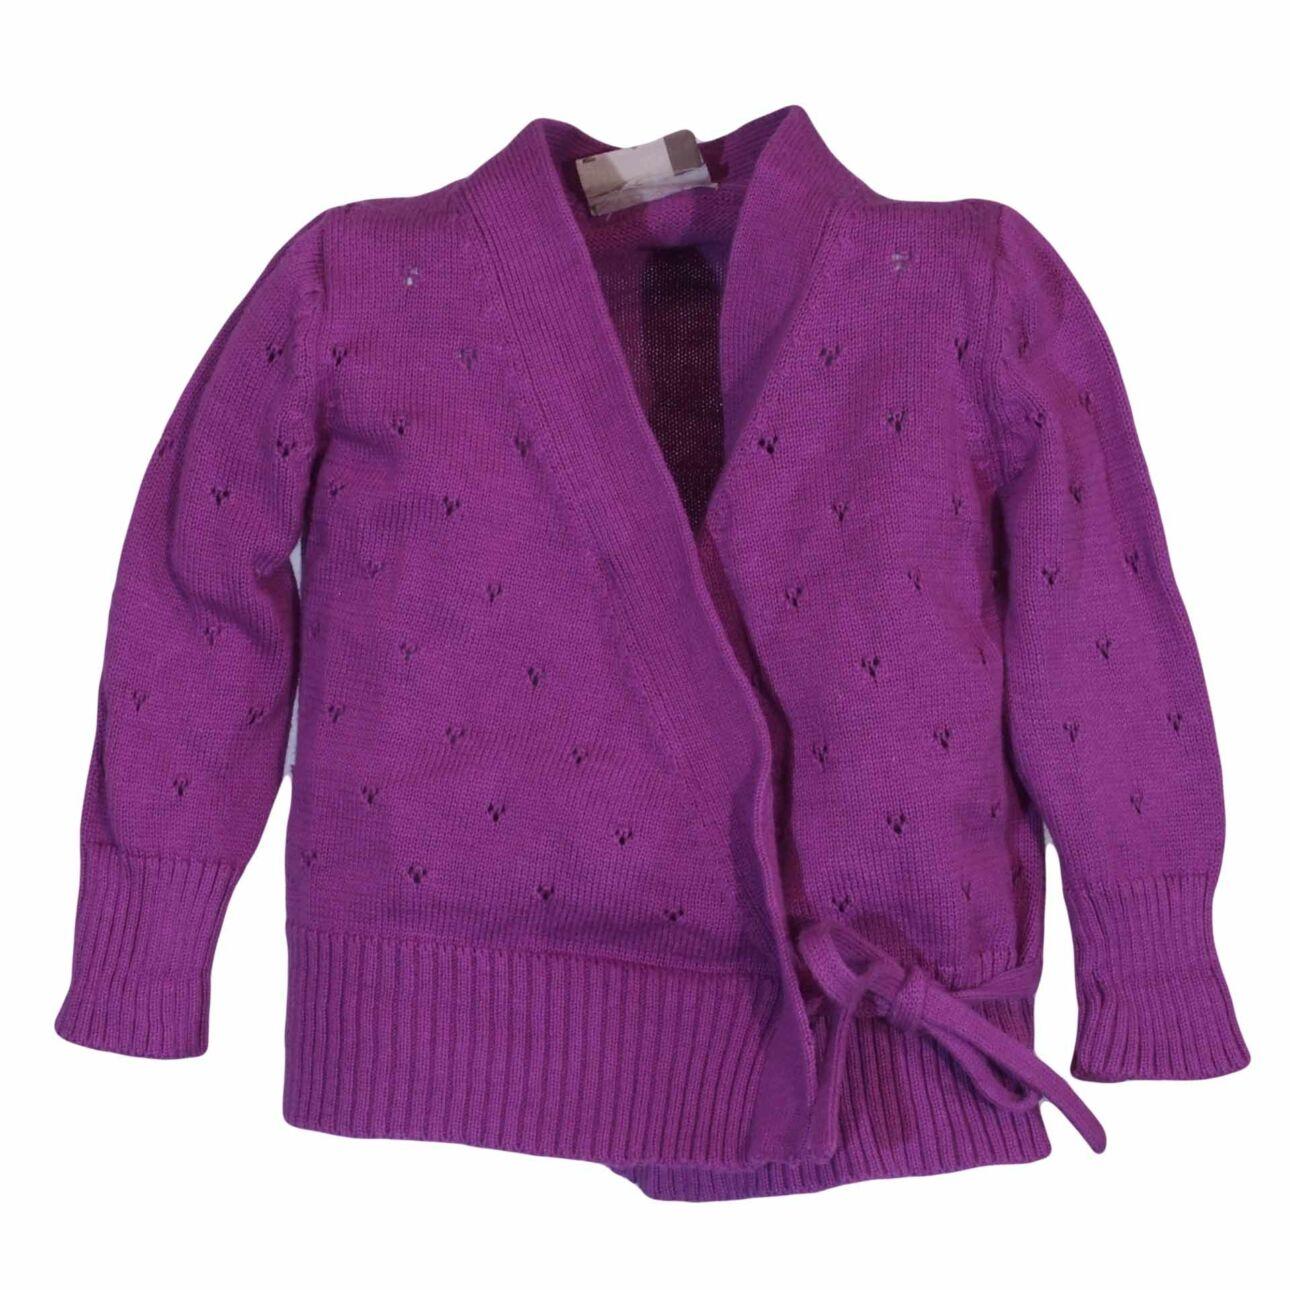 Lila átlapolós kötött pulcsi (50-56)